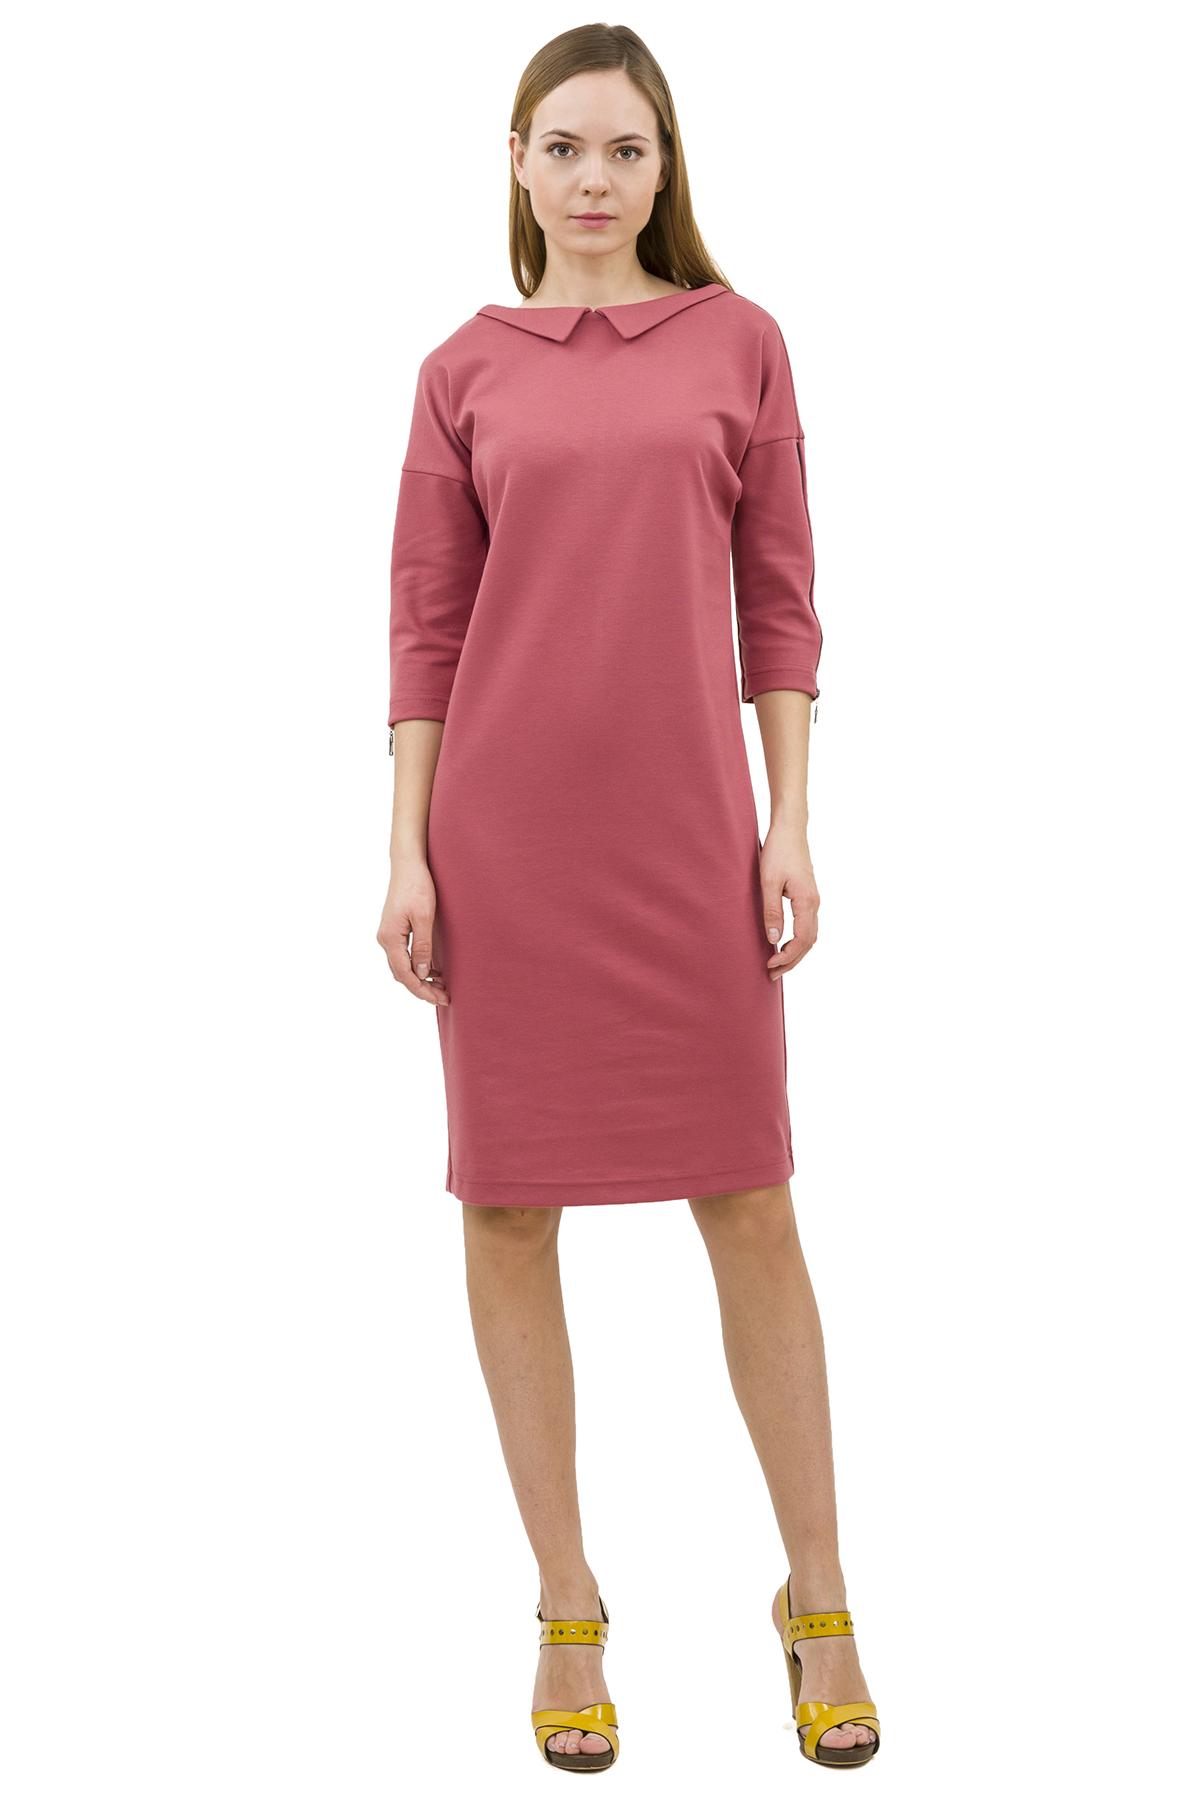 ПлатьеПлатья,  сарафаны<br>Изысканное трикотажное платье преобразит любую девушку, придав ее образу неповторимую чувственность. Добавьте в свой гардероб нотку настоящего изысканного шика вместе с этим ярким стильным очаровательным платьем!<br><br>Цвет: розовый<br>Состав: 60% вискоза; 35% полиэстер; 5% эластан<br>Размер: 48<br>Страна дизайна: Россия<br>Страна производства: Россия